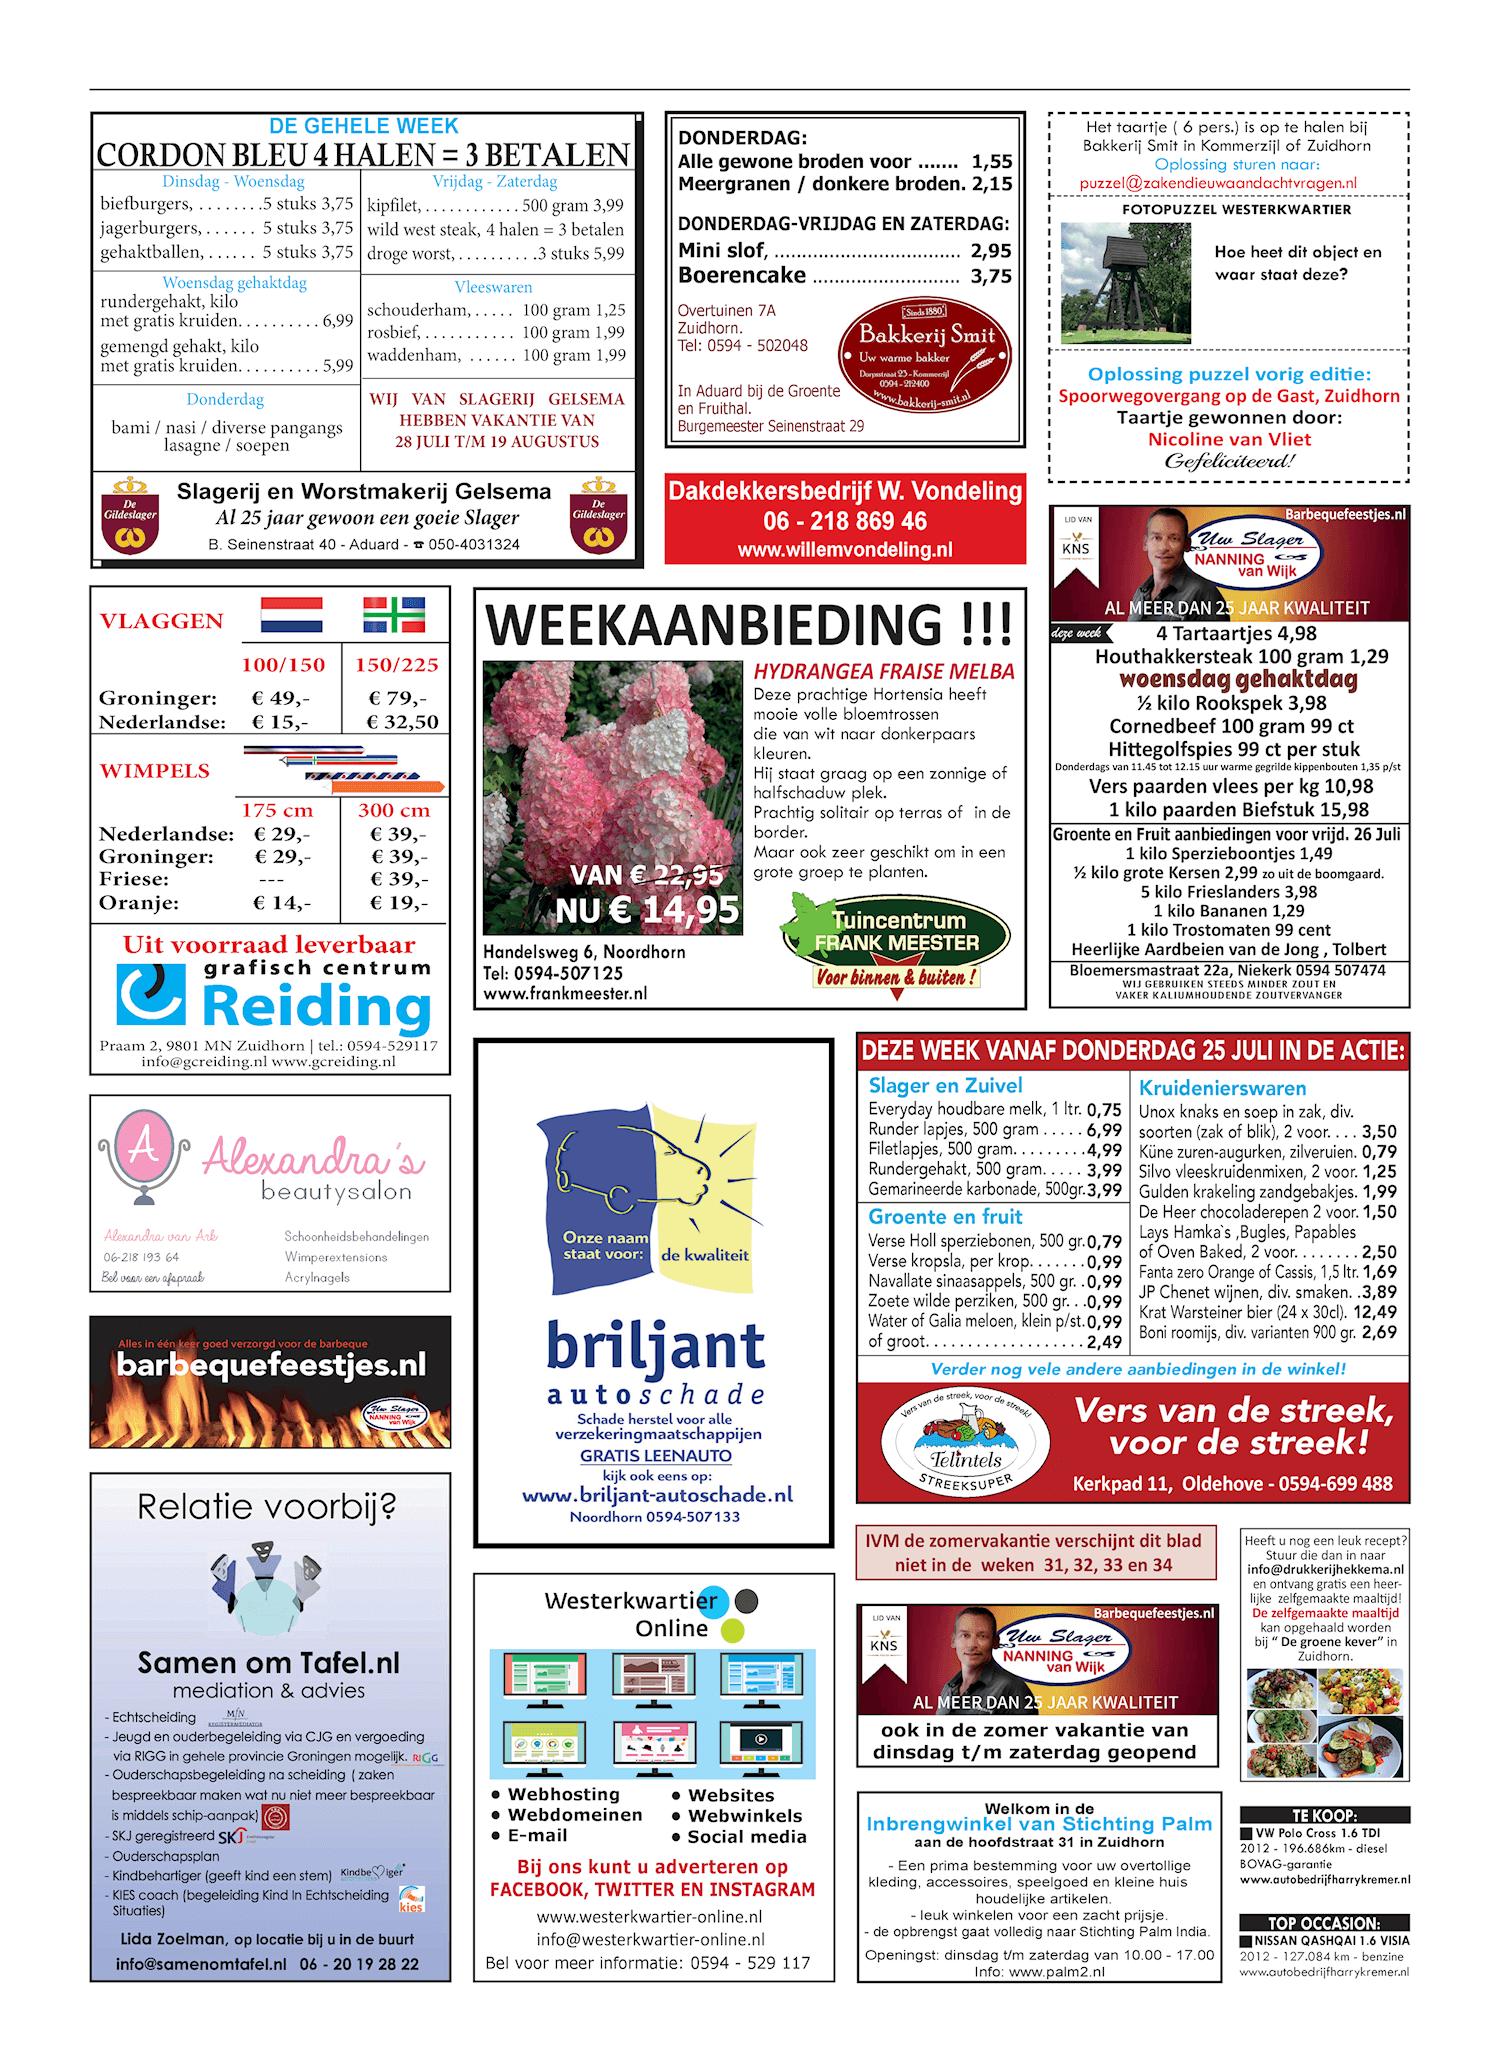 Drukkerij Hekkema - Zuidhorn - Zaken die uw aandacht vragen 2019 week 30